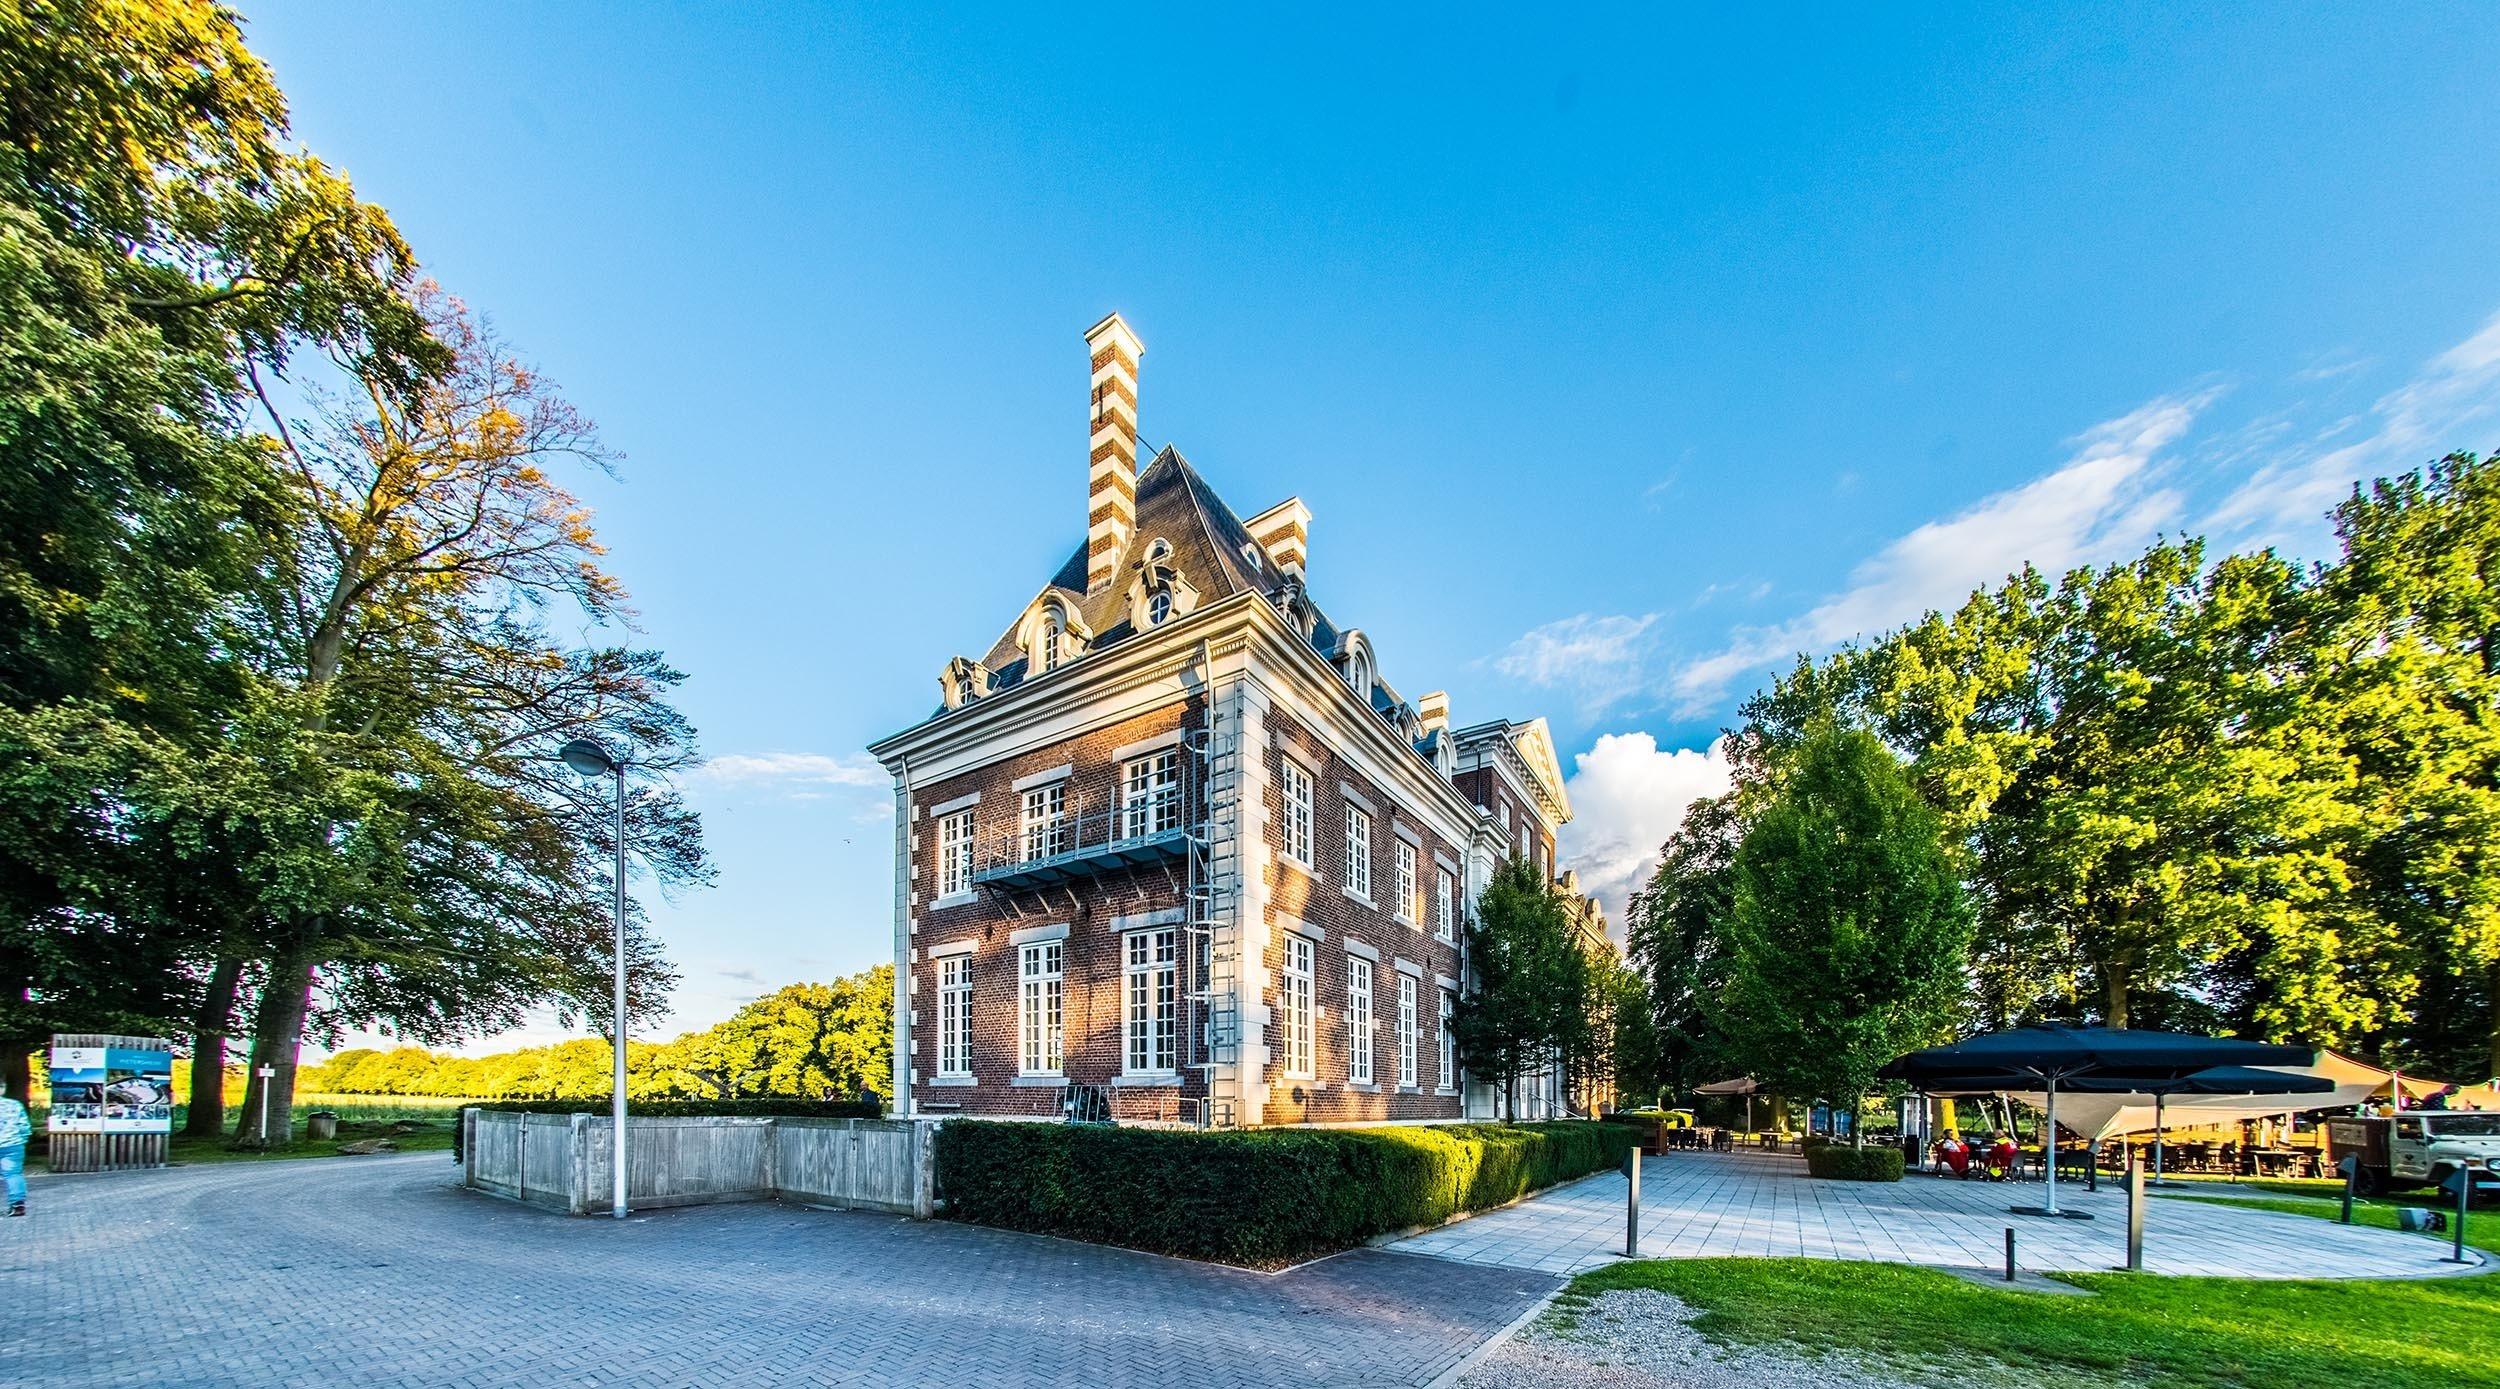 Dagaanbieding - Verblijf 1, 2 of 3 nachten in een historisch kasteel in Belgisch Limburg nabij Maastricht dagelijkse koopjes